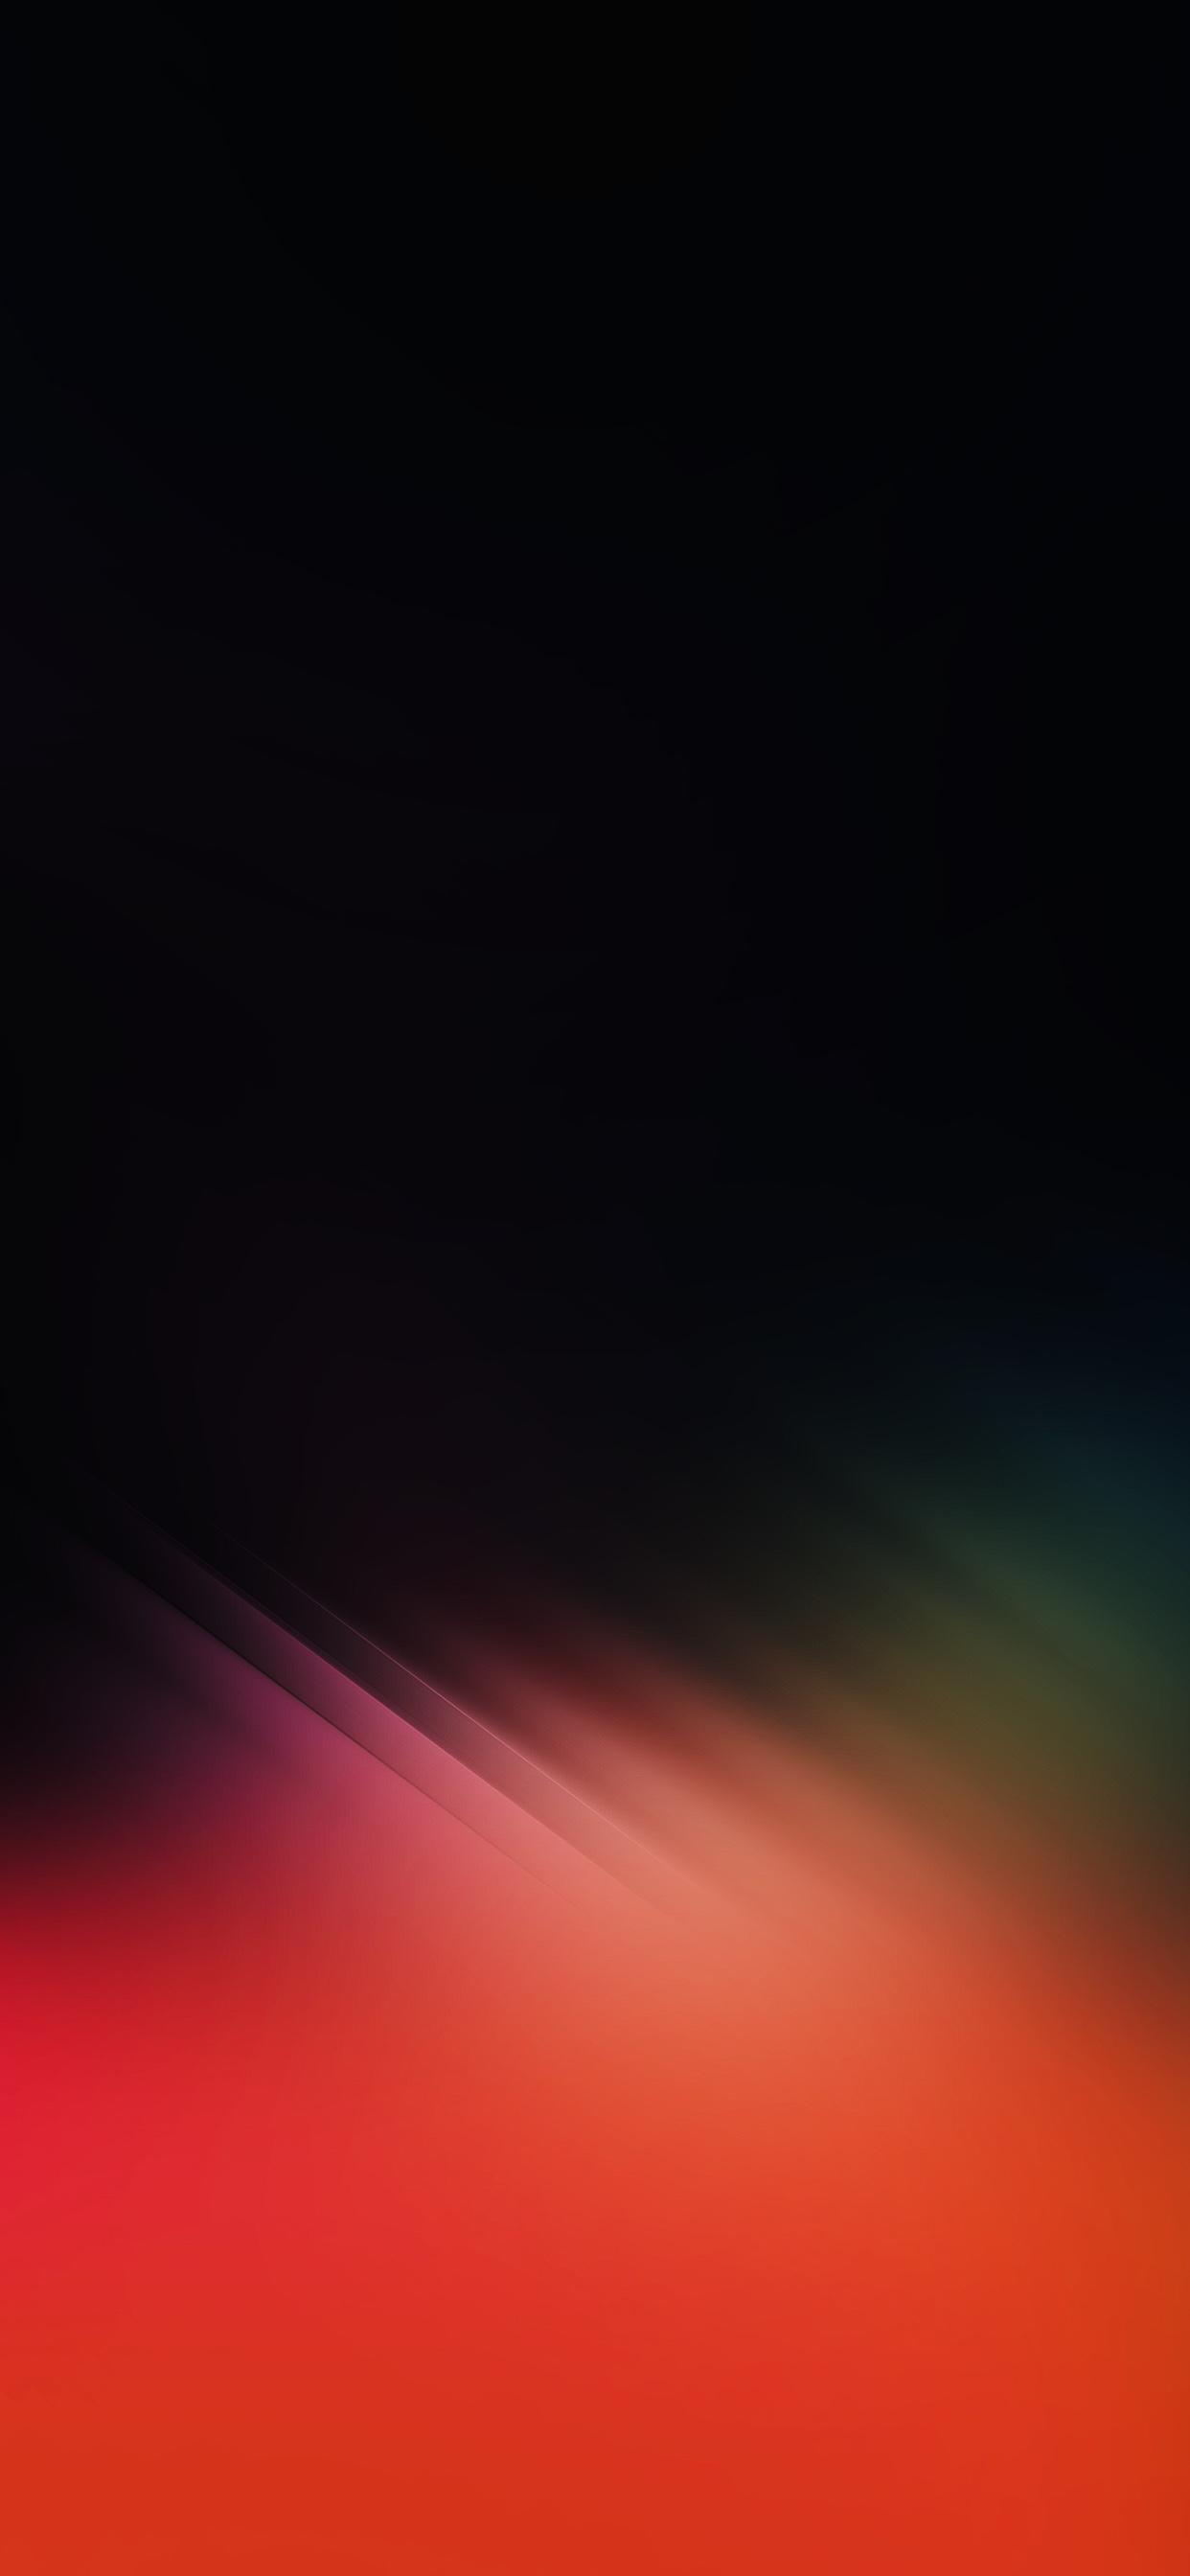 Iphone X Notch Wallpaper Wallpaper Backgrounds Zollotech